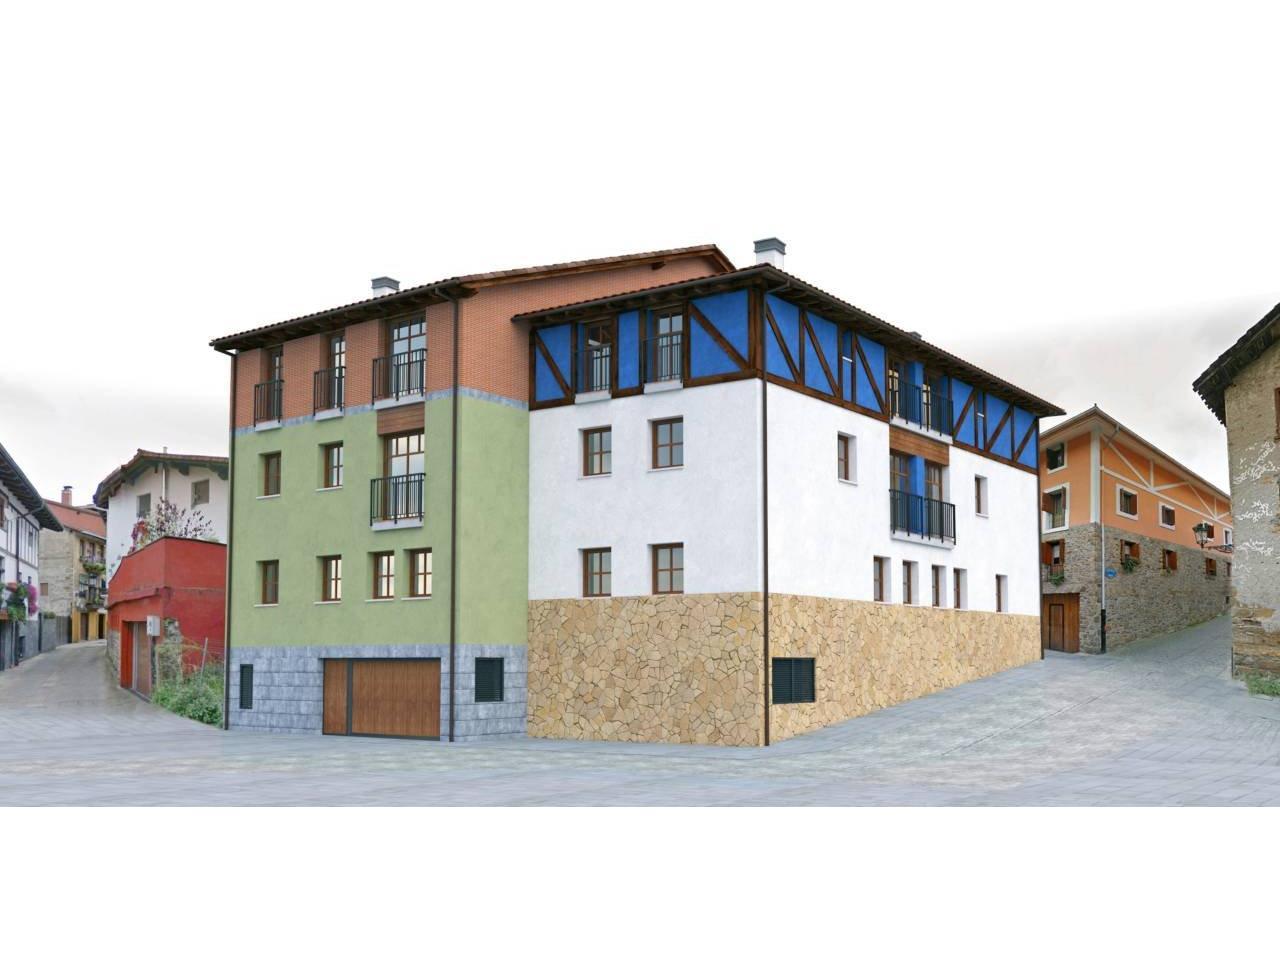 Inmobiliaria larrea piso de nueva construcci n en venta en c ntrico por 000817 - Pisos de nueva construccion ...